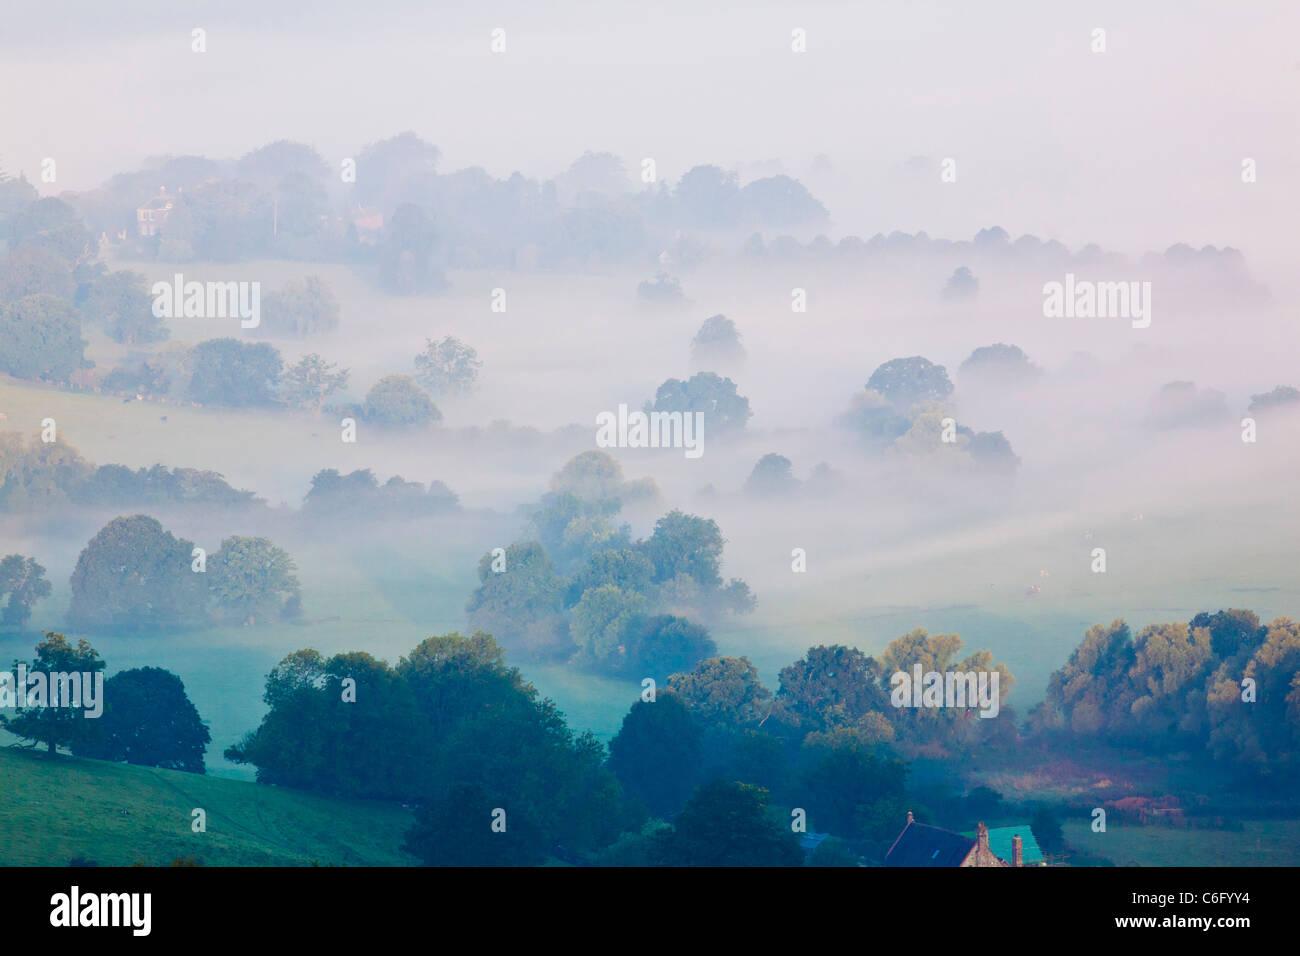 Baumkronen steigen aus dem Nebel in einem grünen, neblige Tal Stockbild